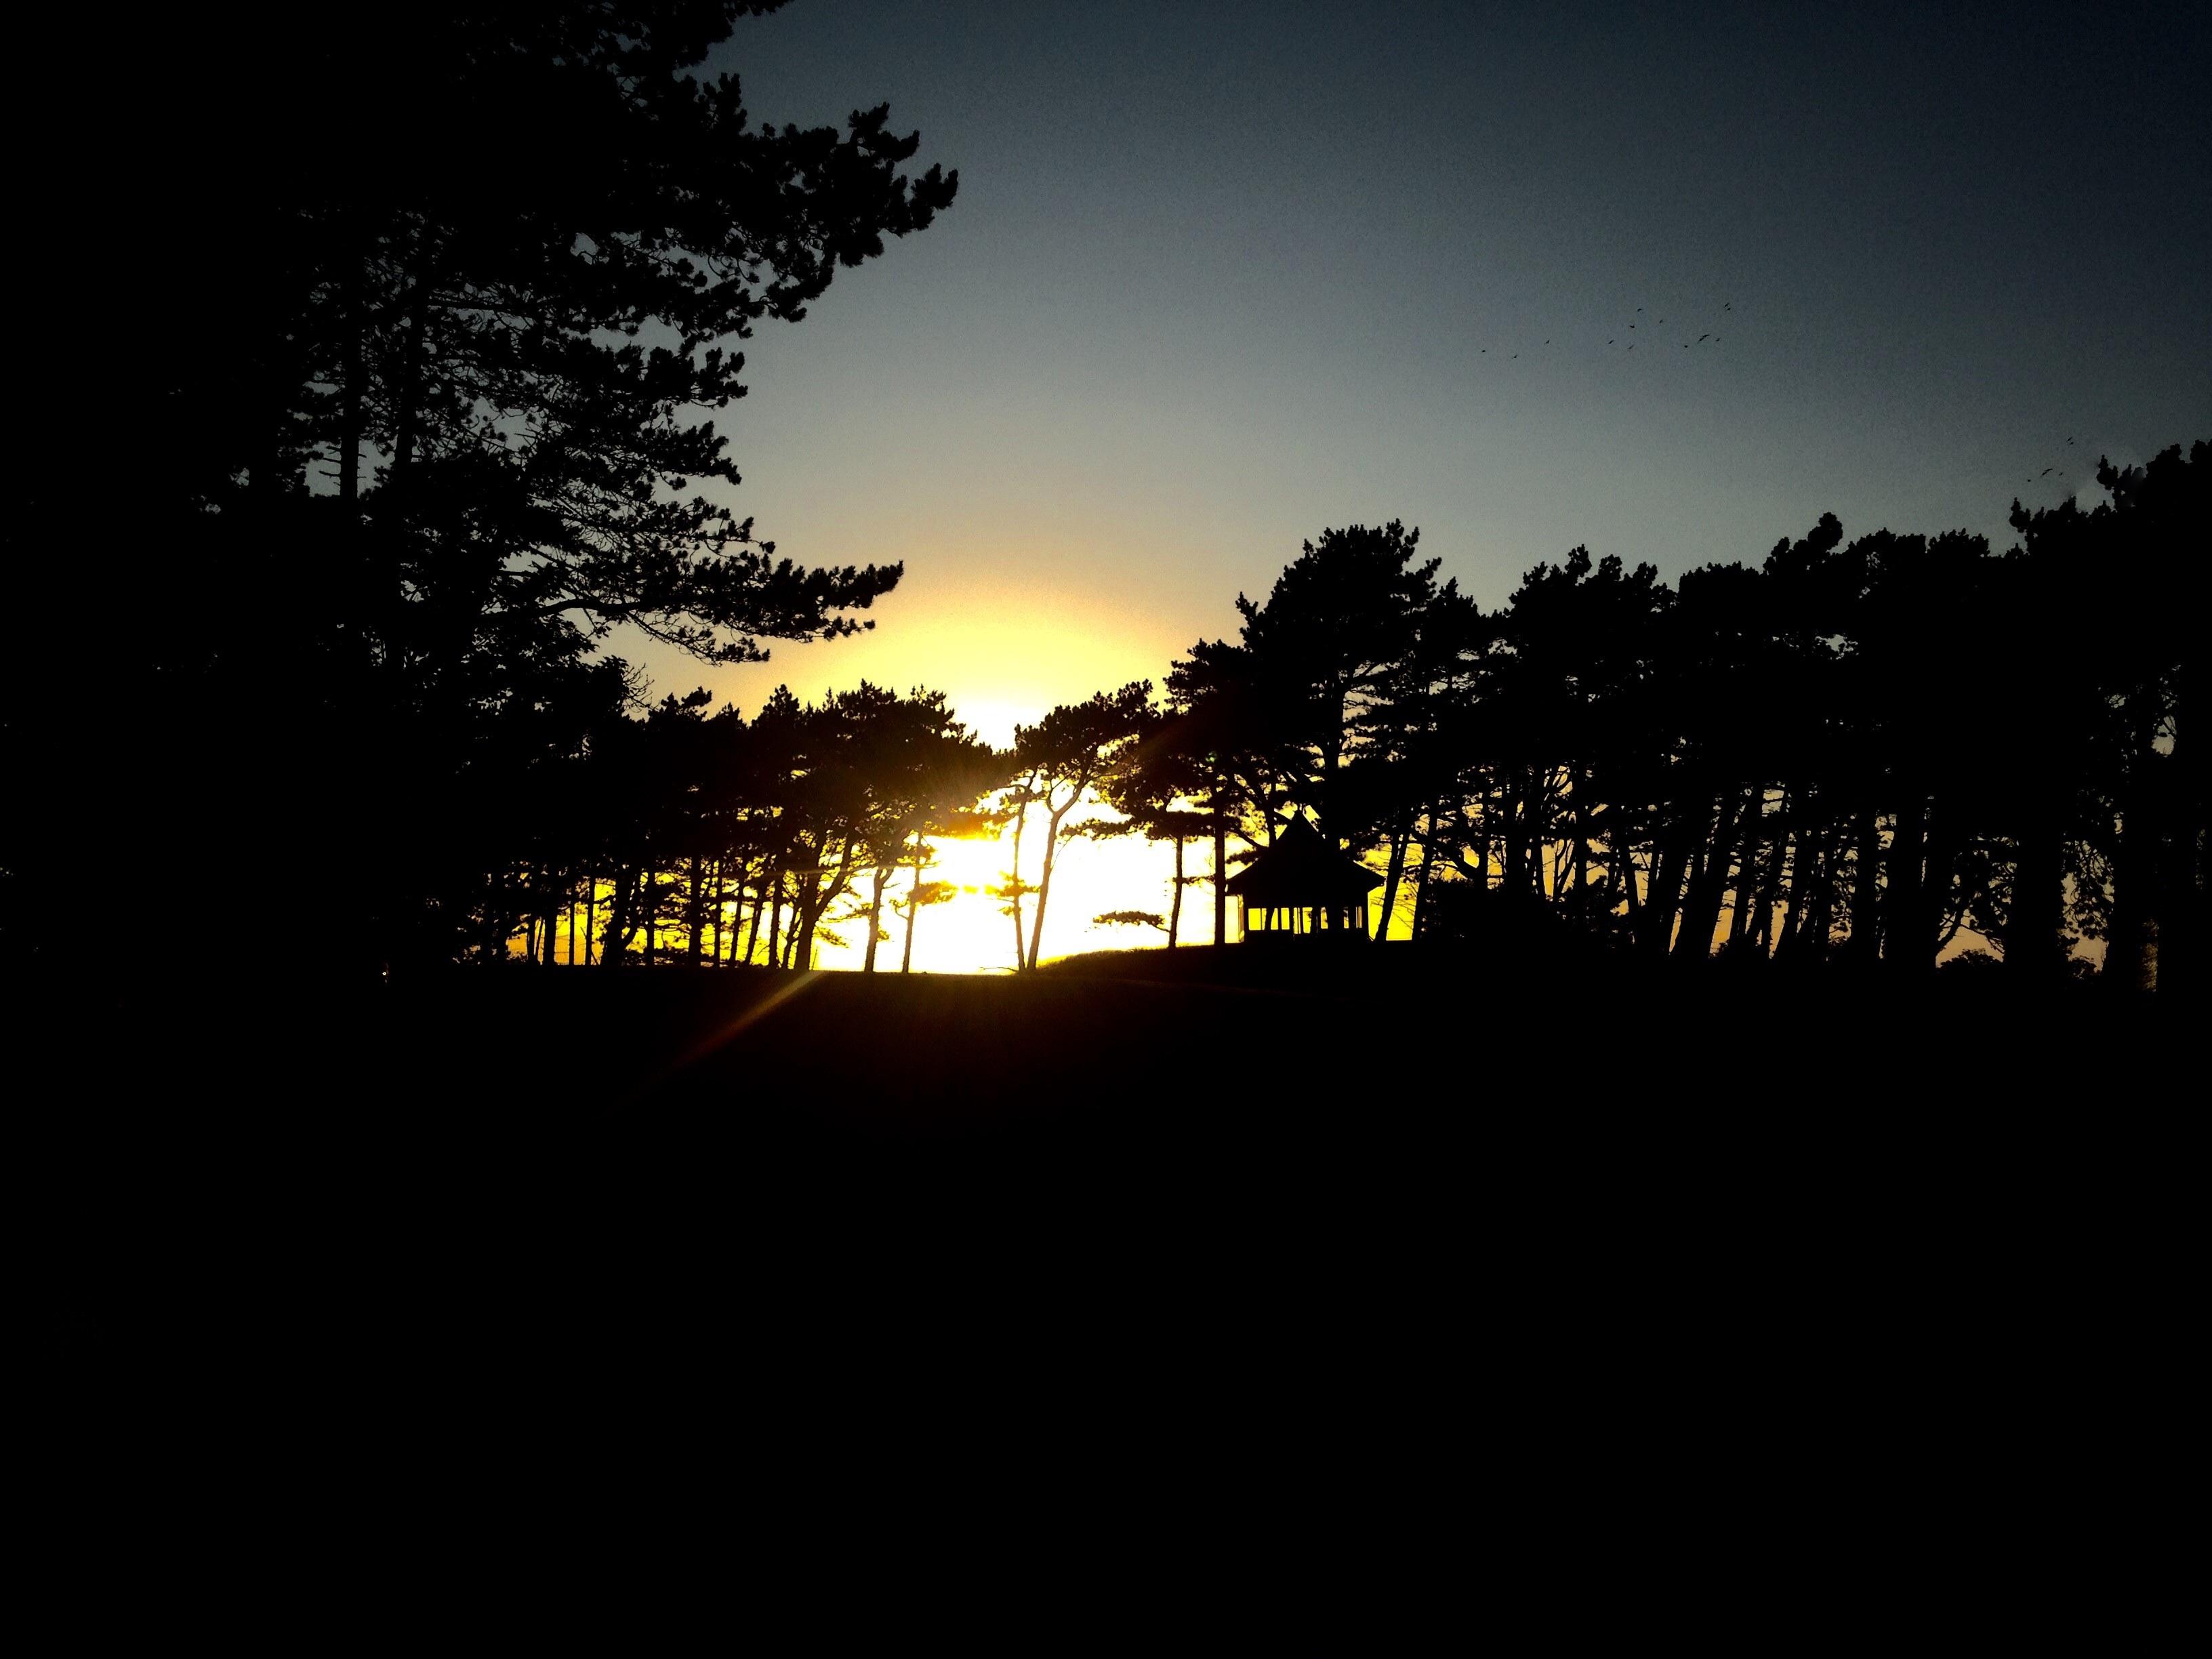 Gratis Afbeeldingen : boom, silhouet, licht, wolk, hemel, zon ...